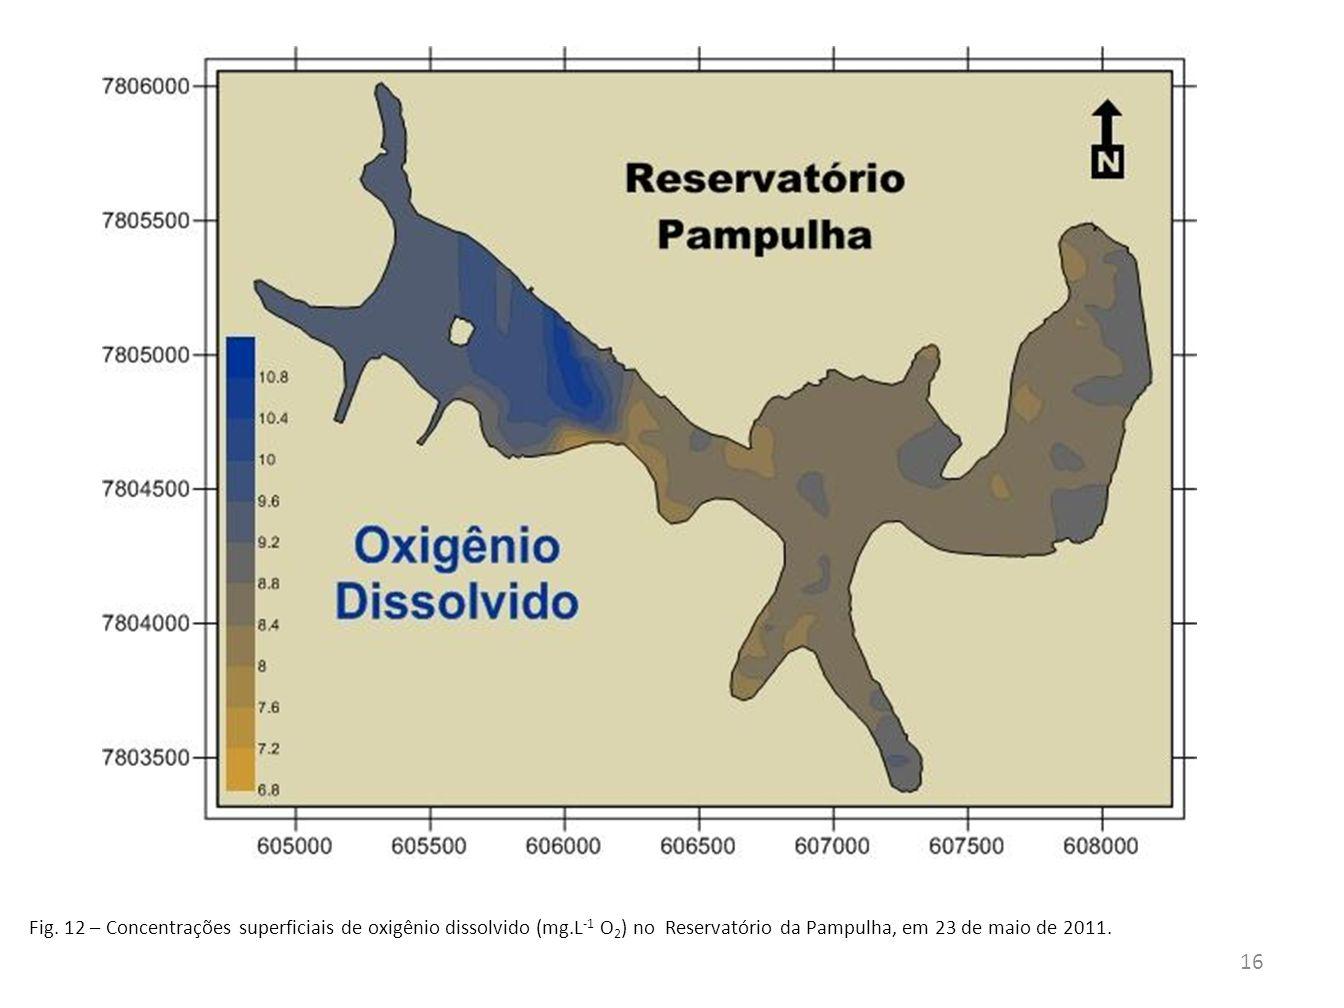 Fig. 12 – Concentrações superficiais de oxigênio dissolvido (mg